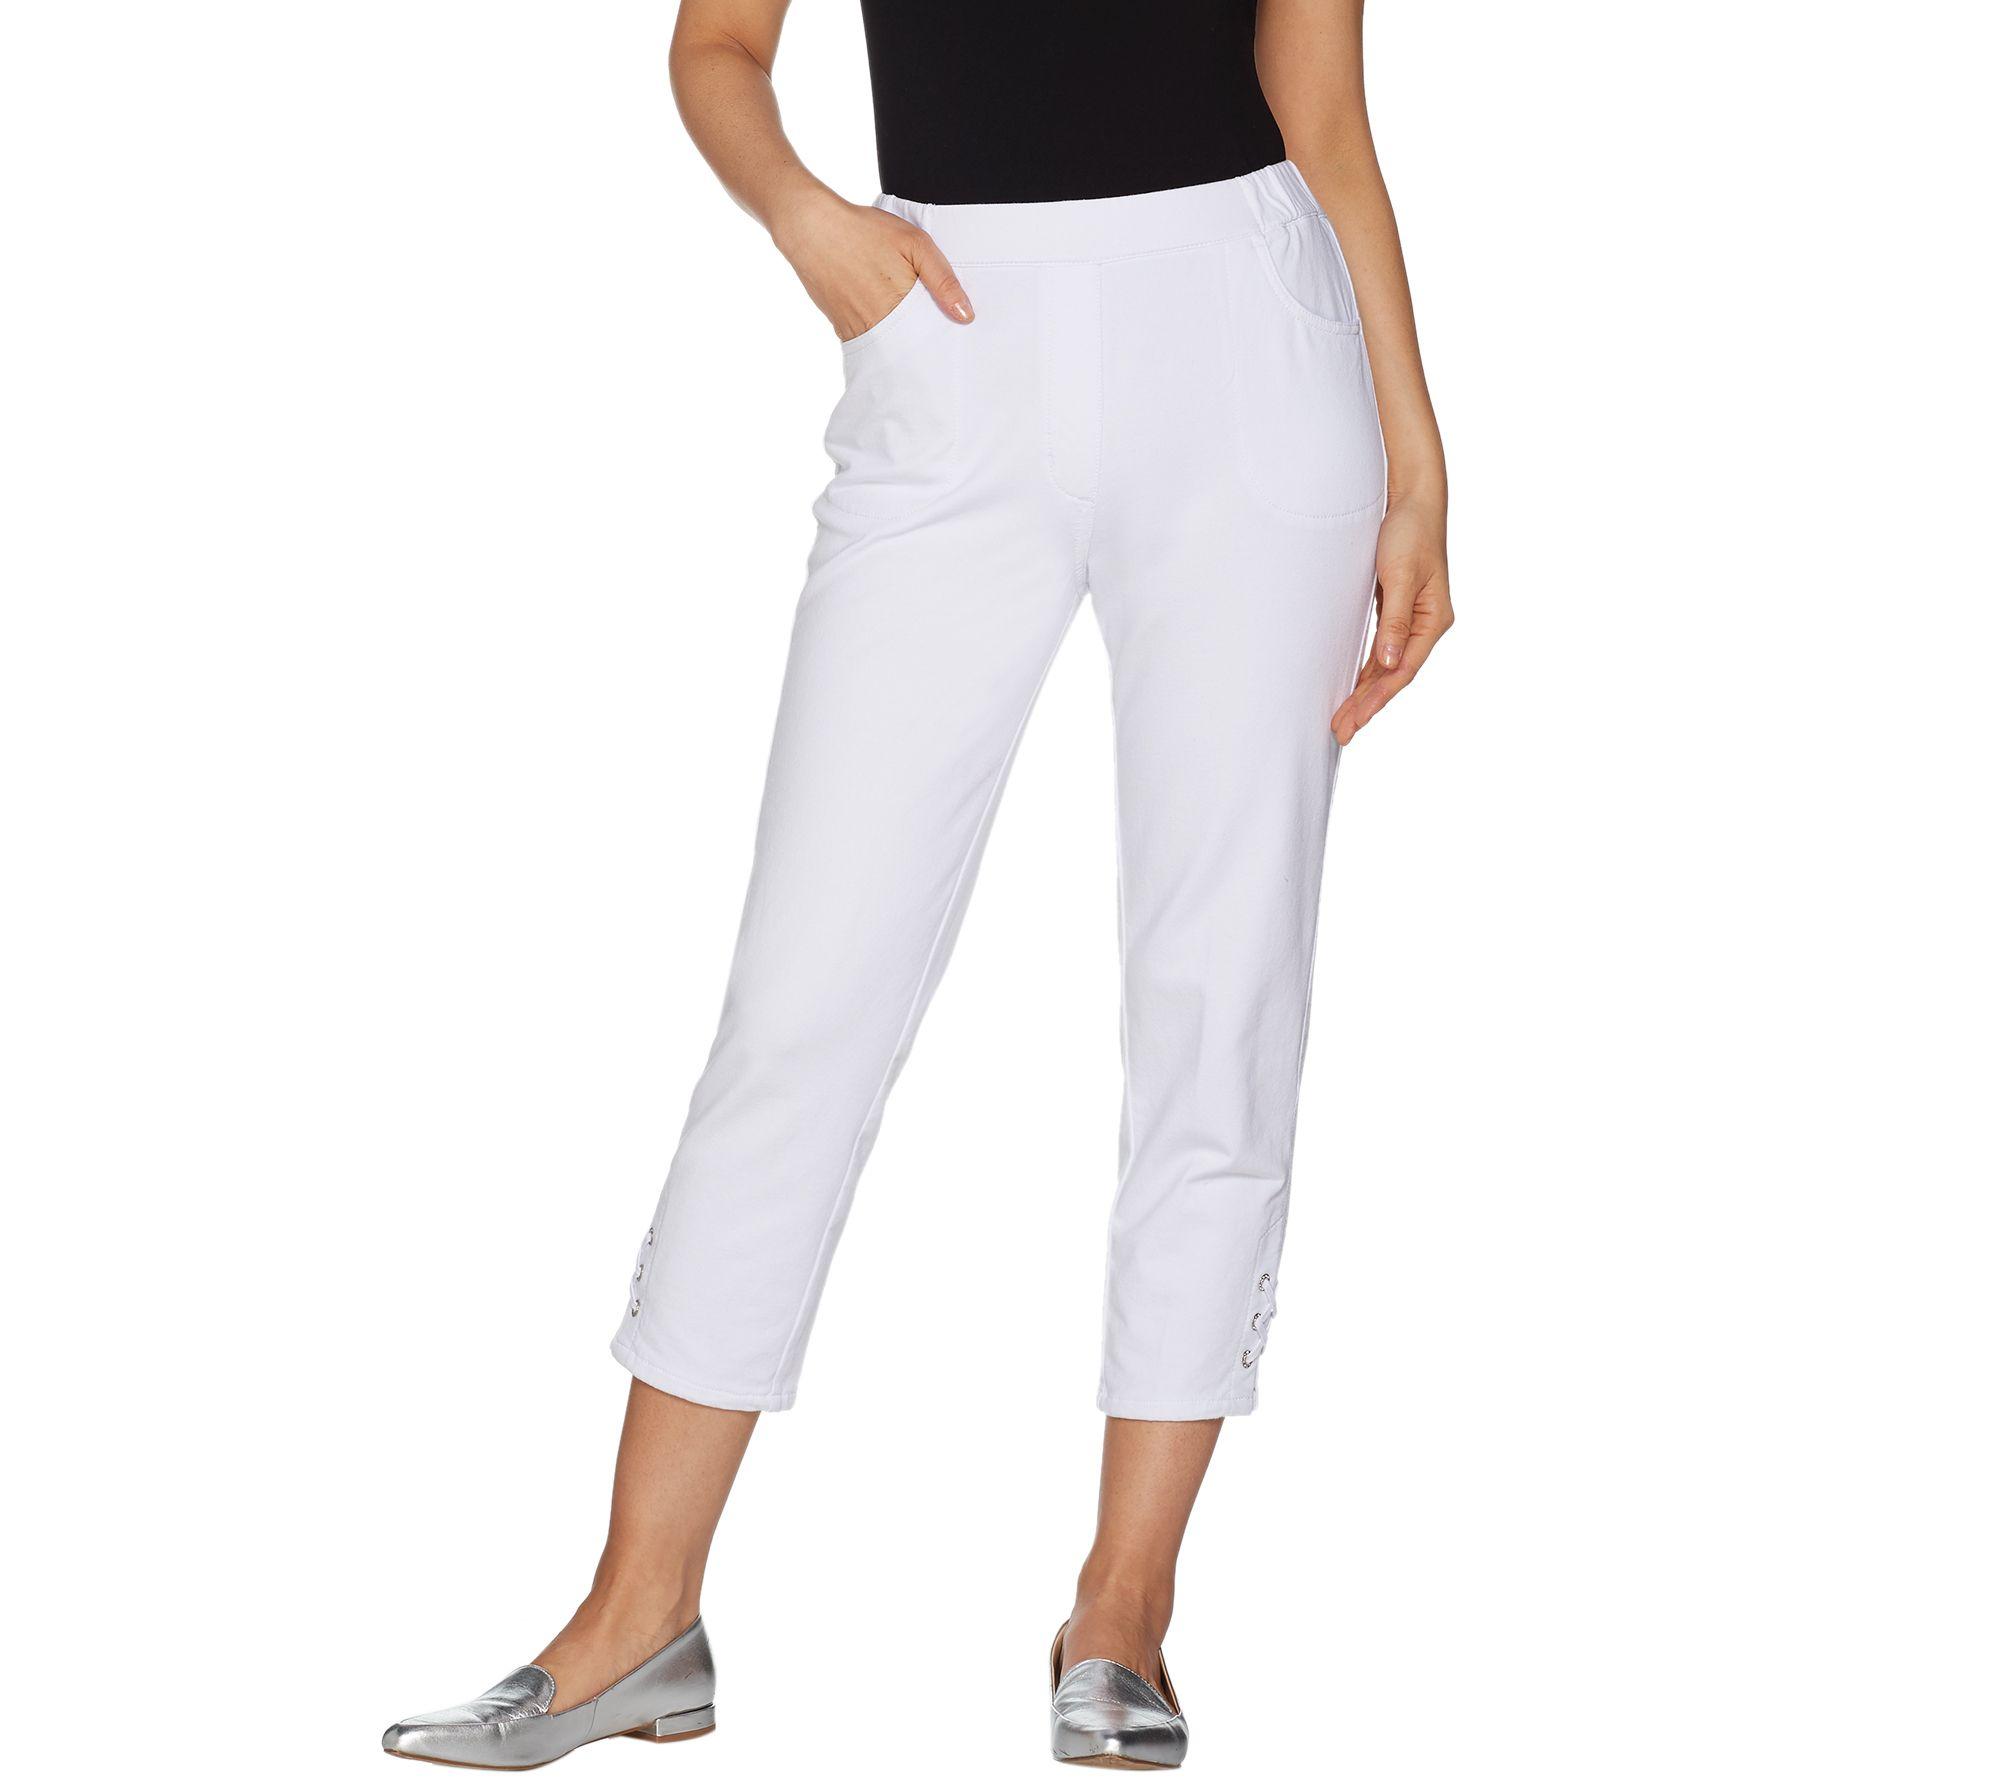 053d6a4de47e3 Quacker Factory DreamJeannes Grommet Lace Up Crop Pants - Page 1 — QVC.com